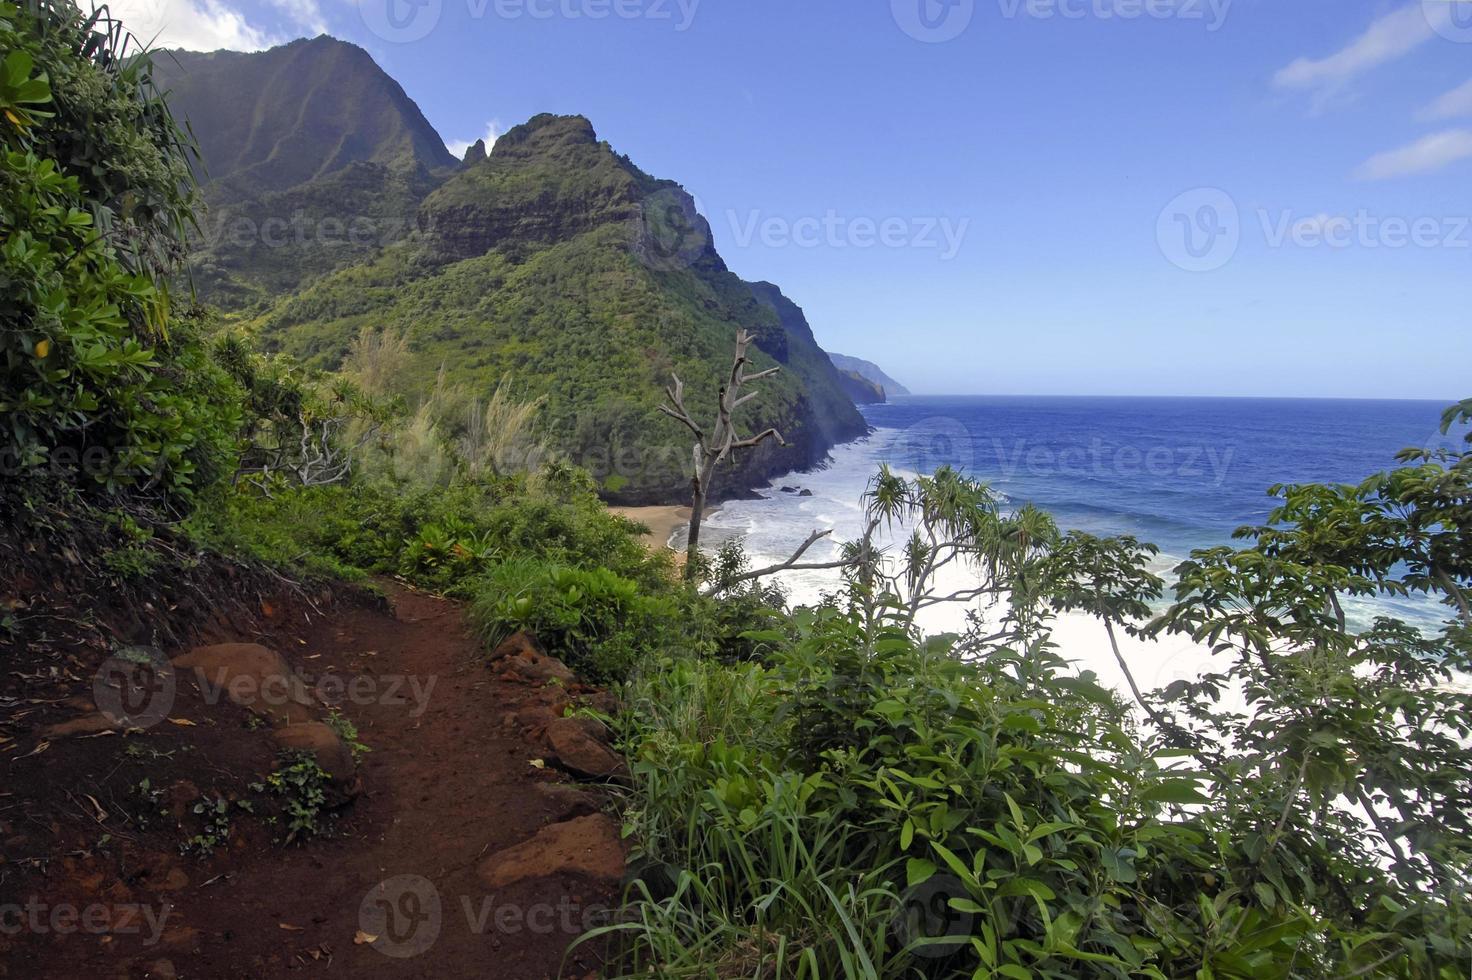 litoral acidentado e falésias de kauai, havaí foto